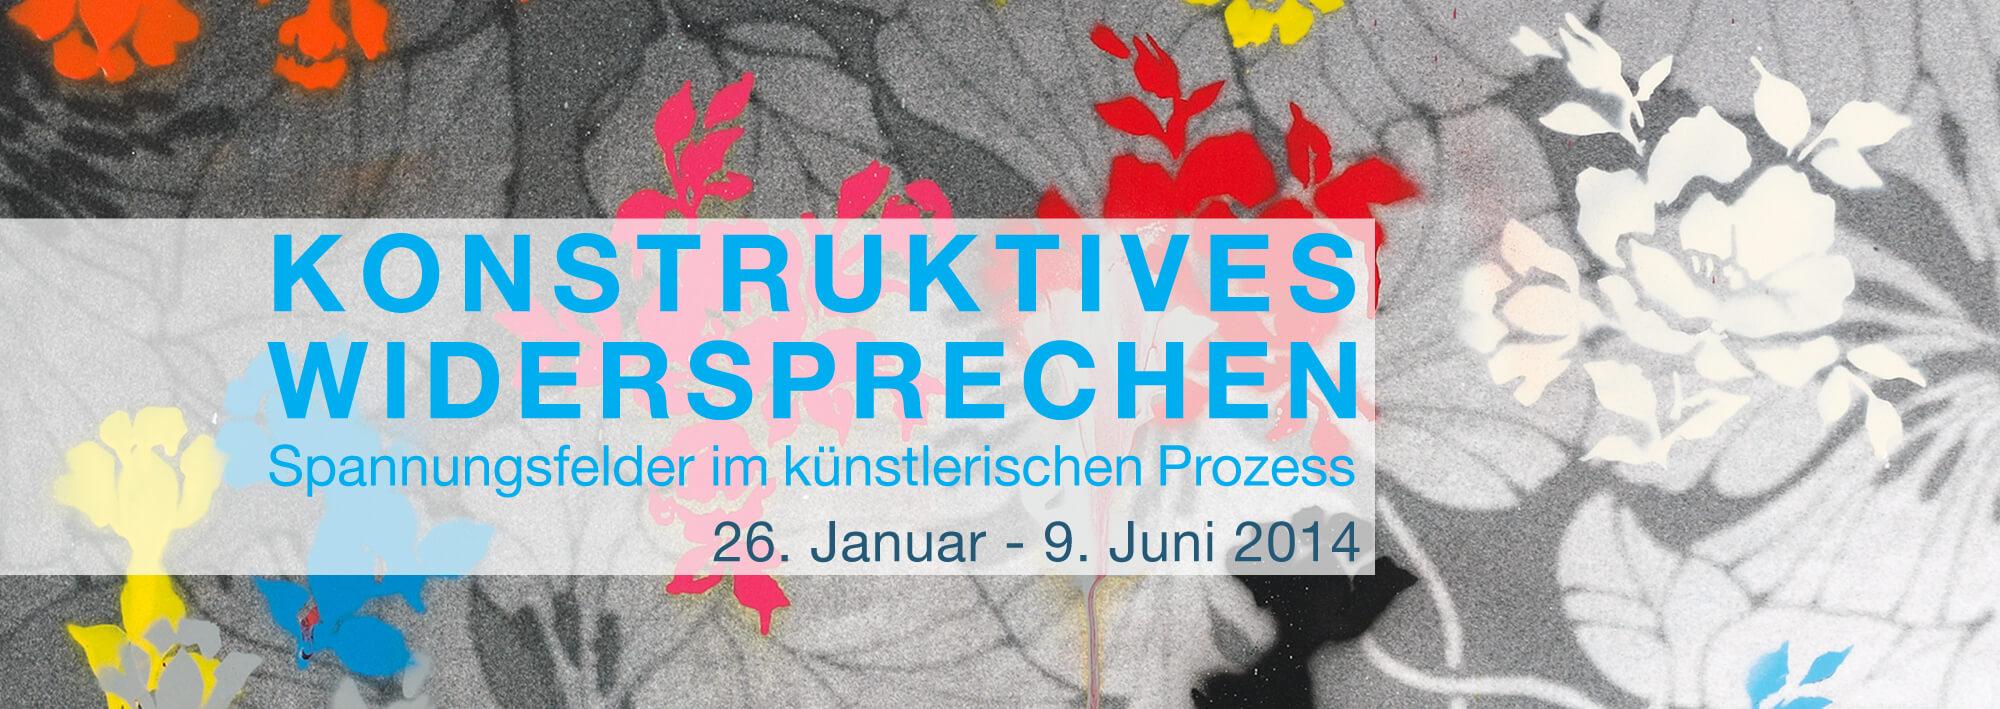 Sammlung Klein - Kunstwerk - Haengung 11 - Konstruktives Widersprechen